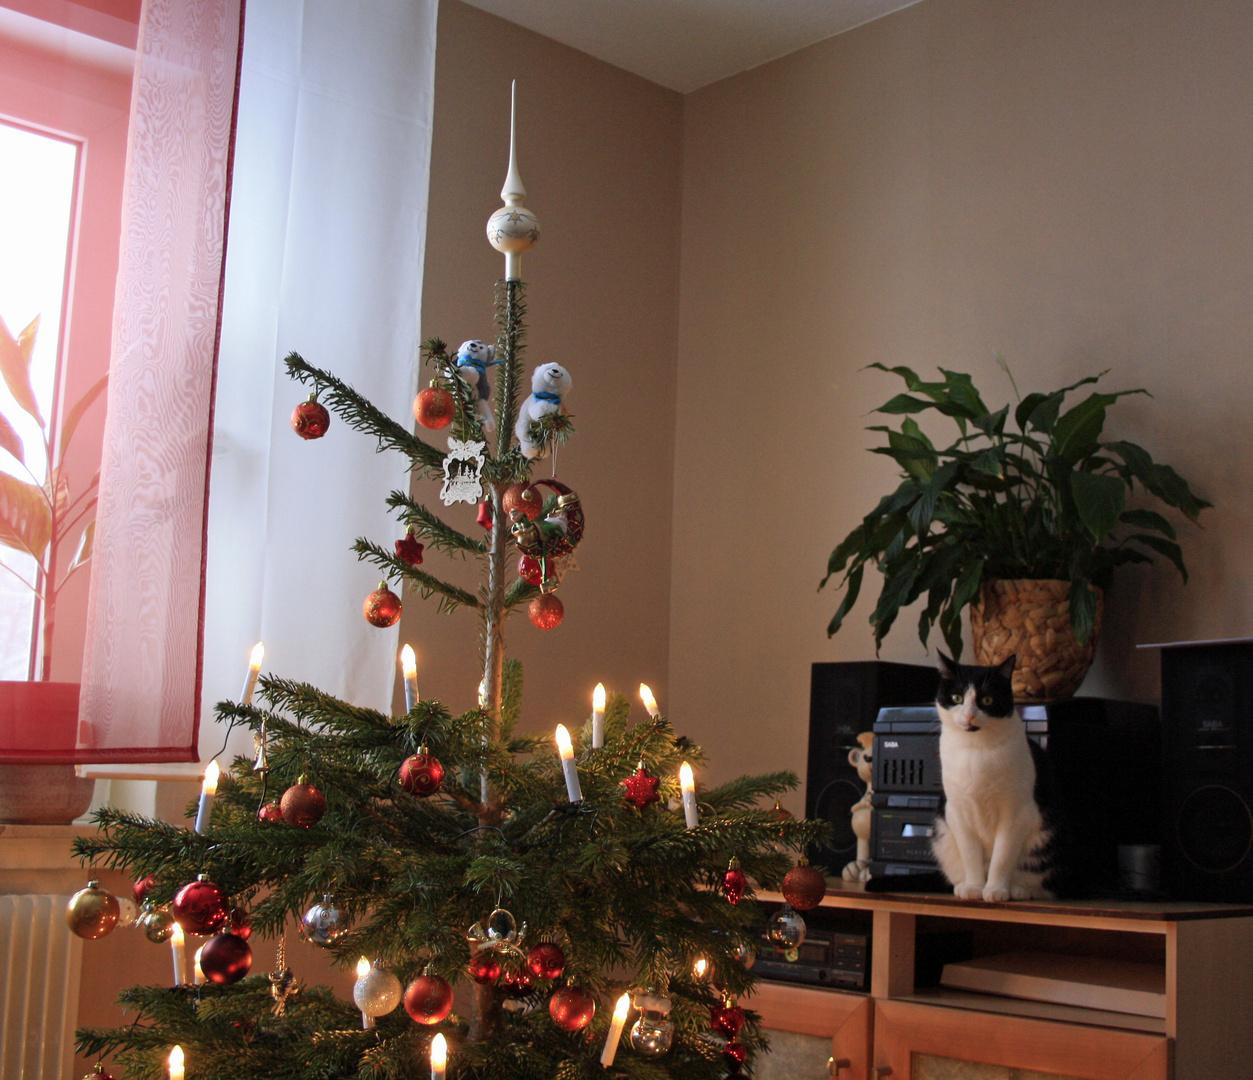 Auch wir wünschen noch schöne Weihnachten!!!